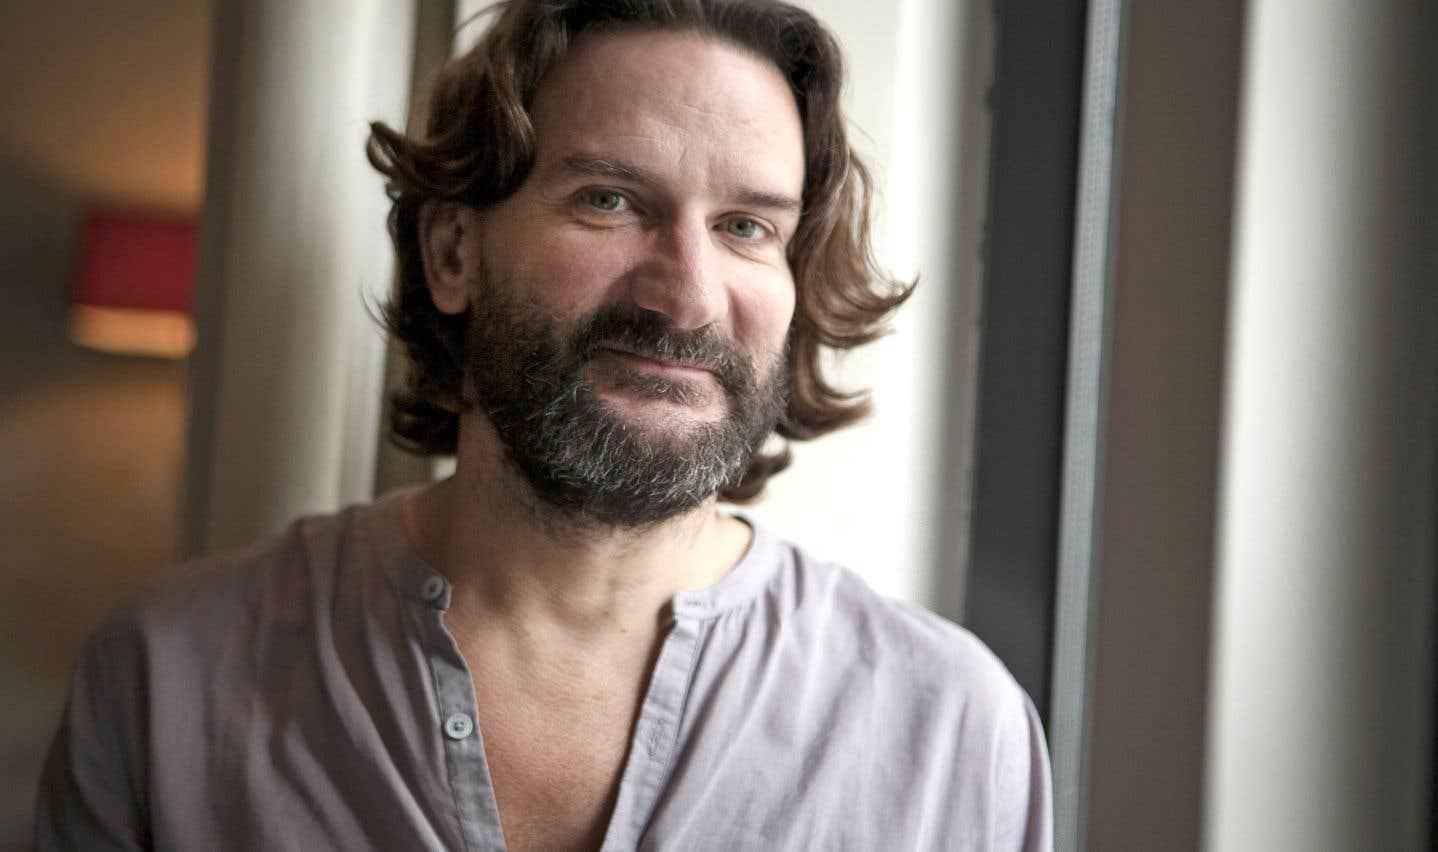 L'écrivain Frédéric Beigbeder publie son dixième roman.